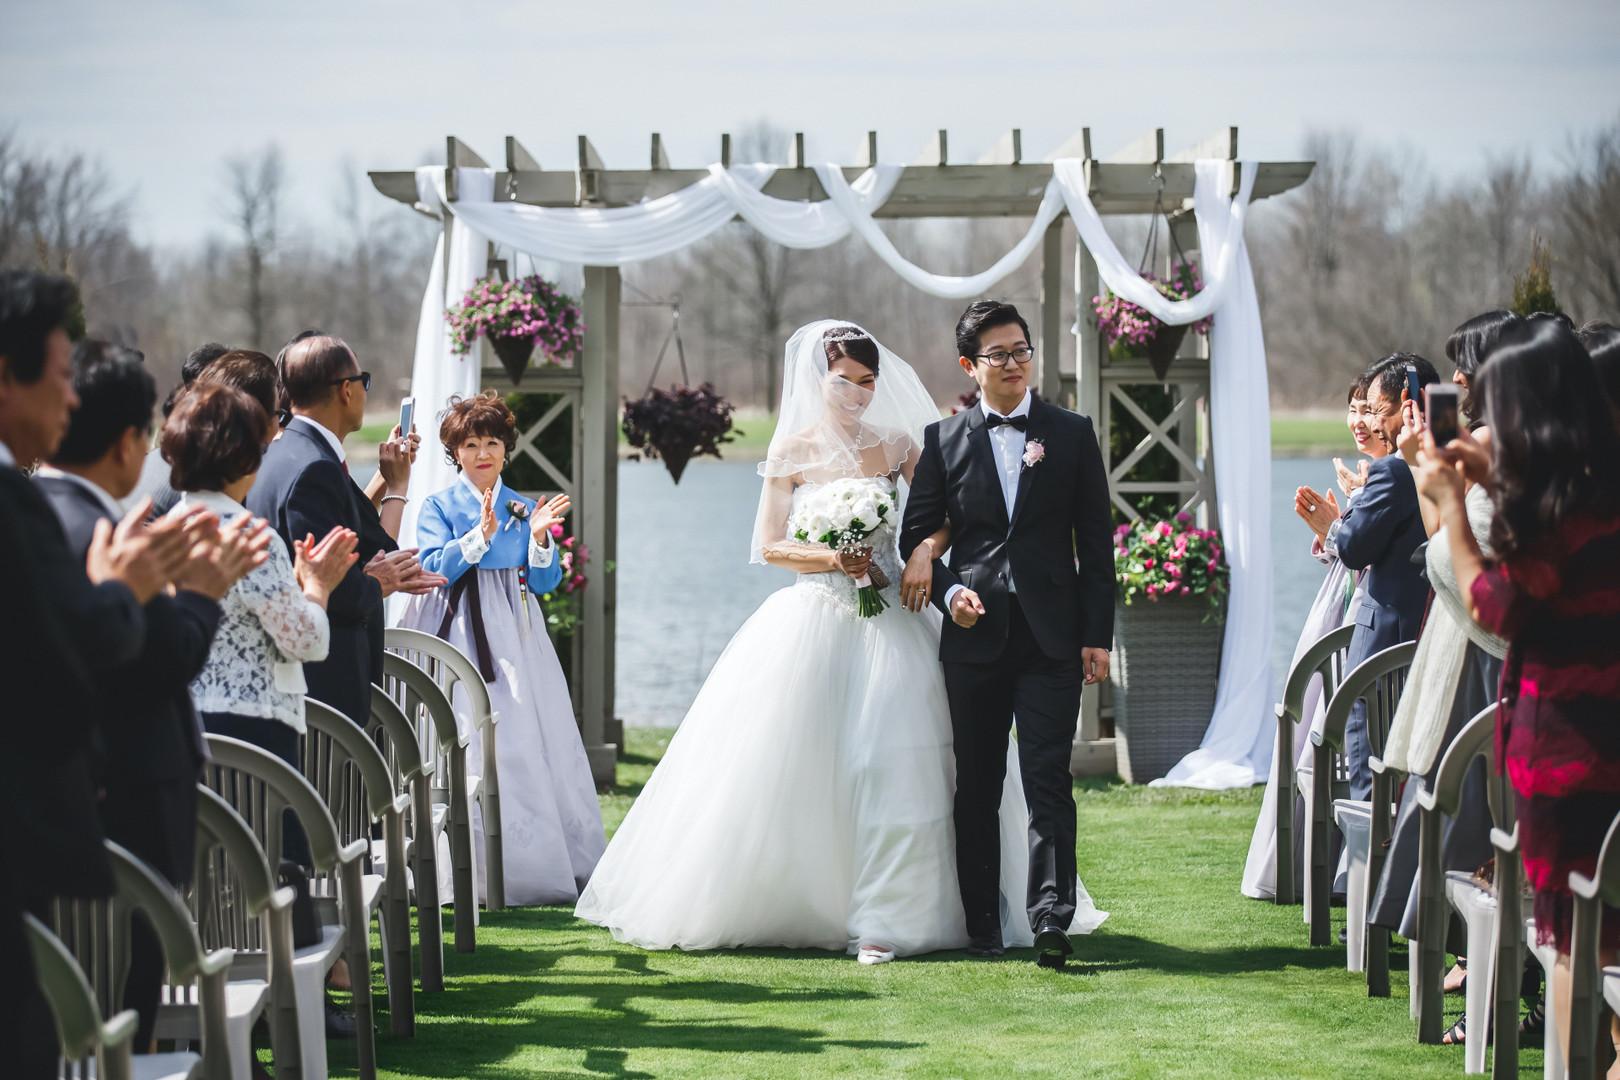 Weddings at Silver Lakes